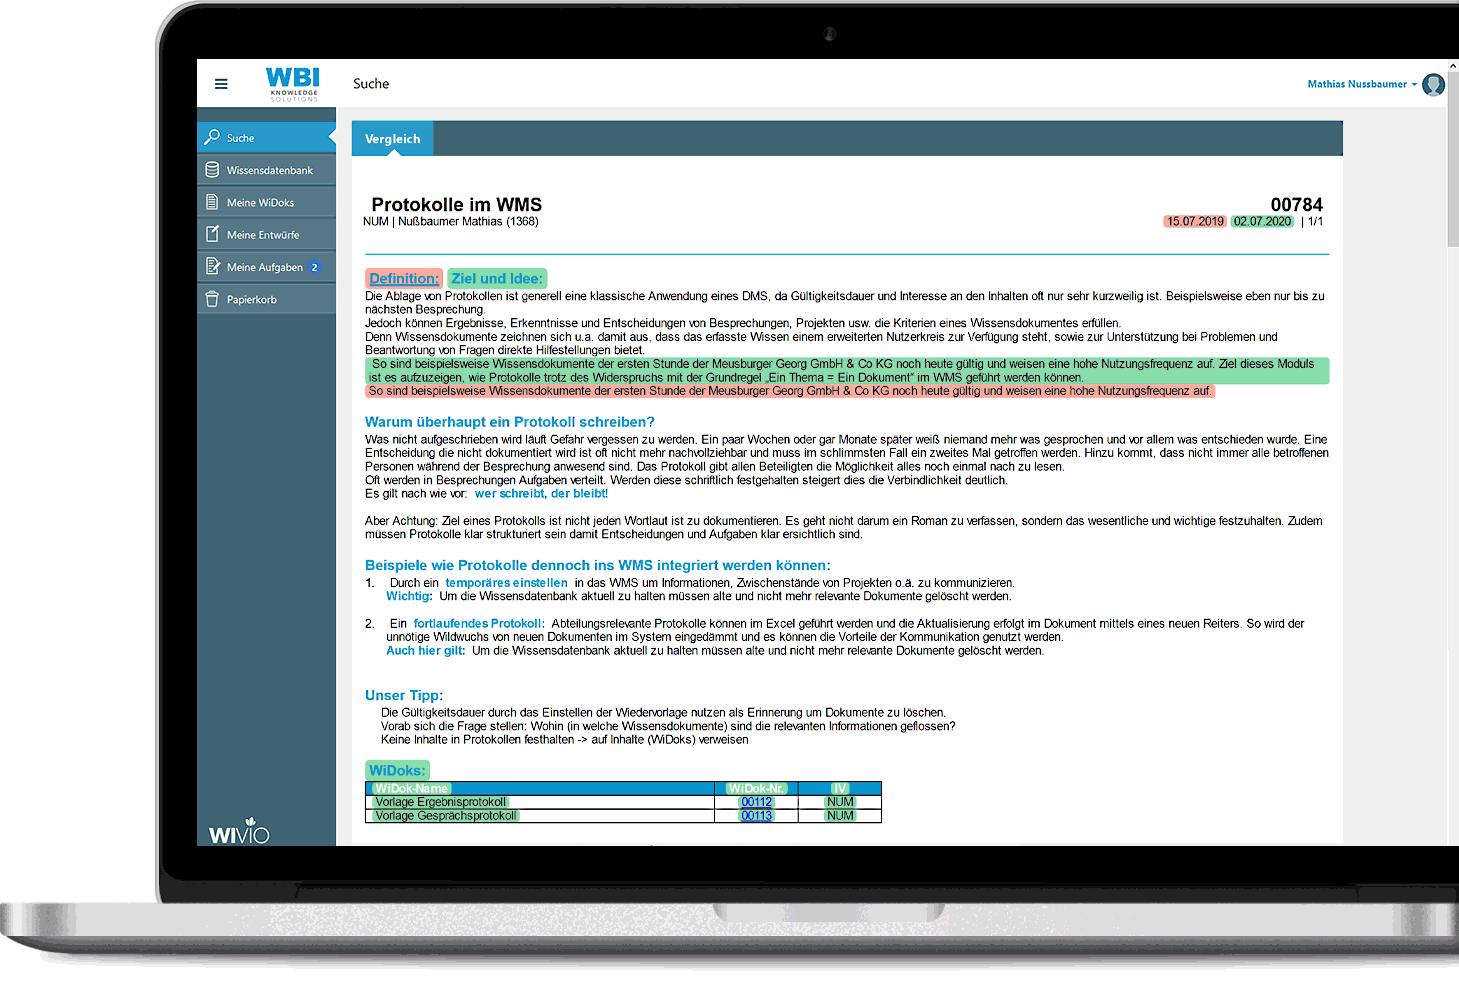 WIVIO: Versionsvergleich in der Historie